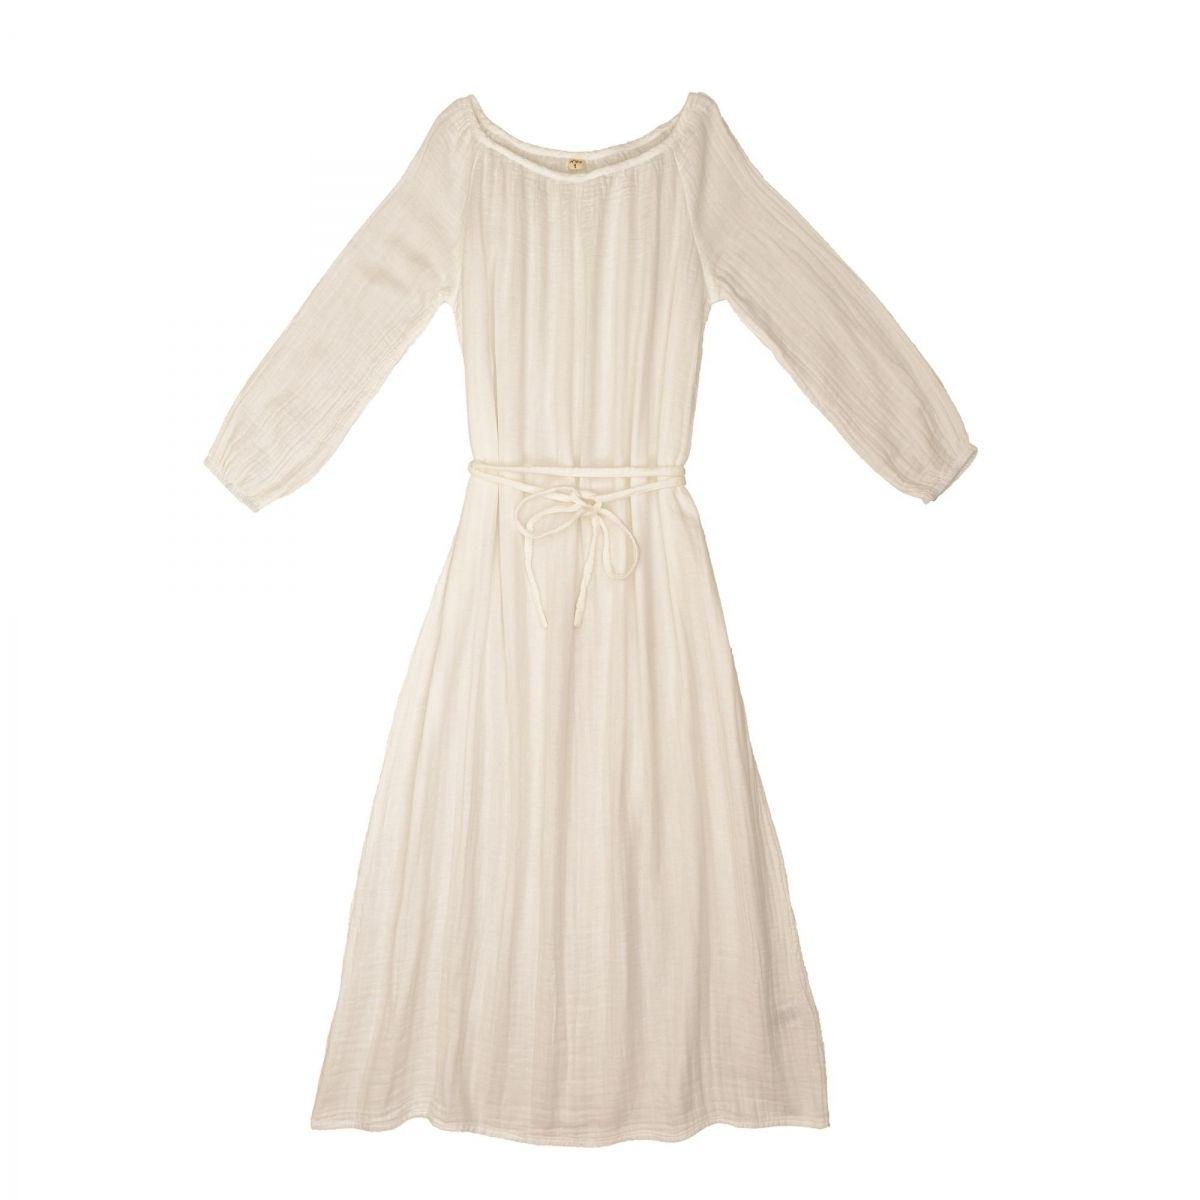 Sukienka dla mamy Nina długa waniliowa - Numero 74